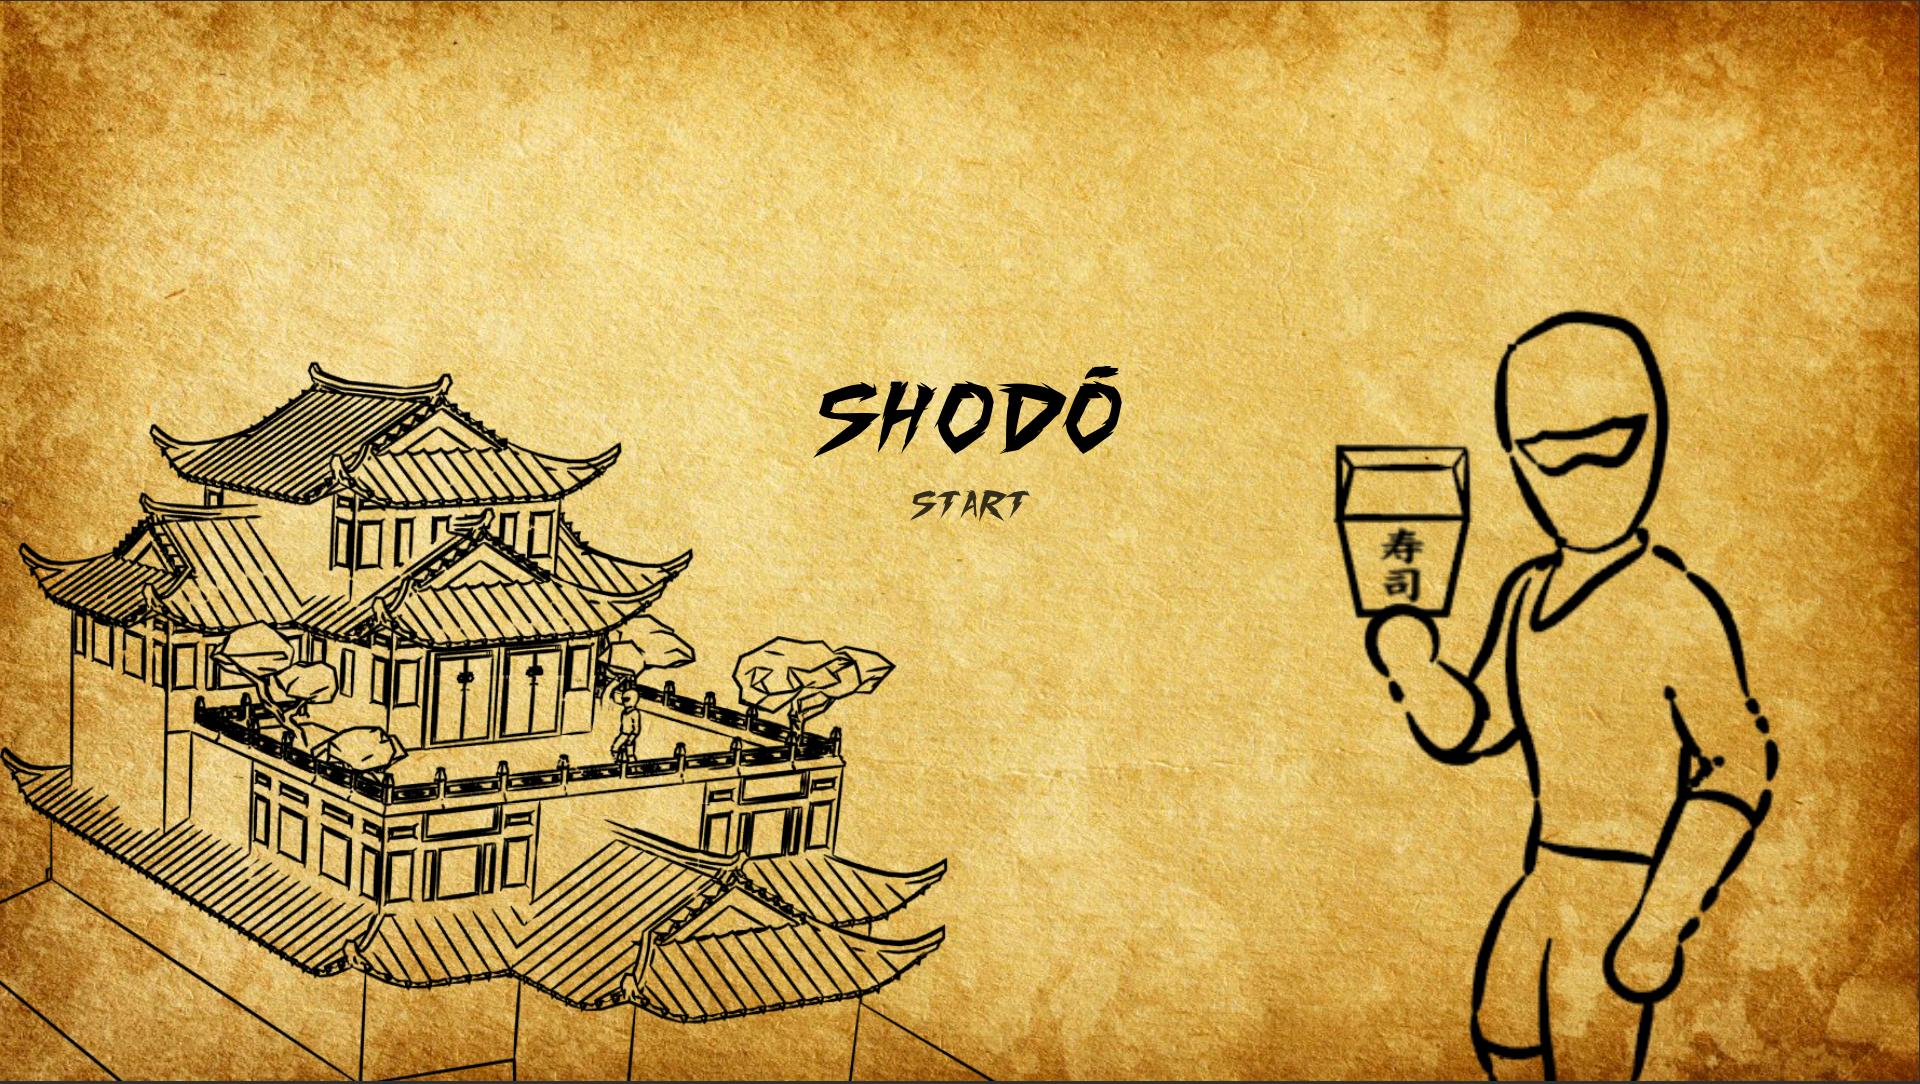 Shodo game